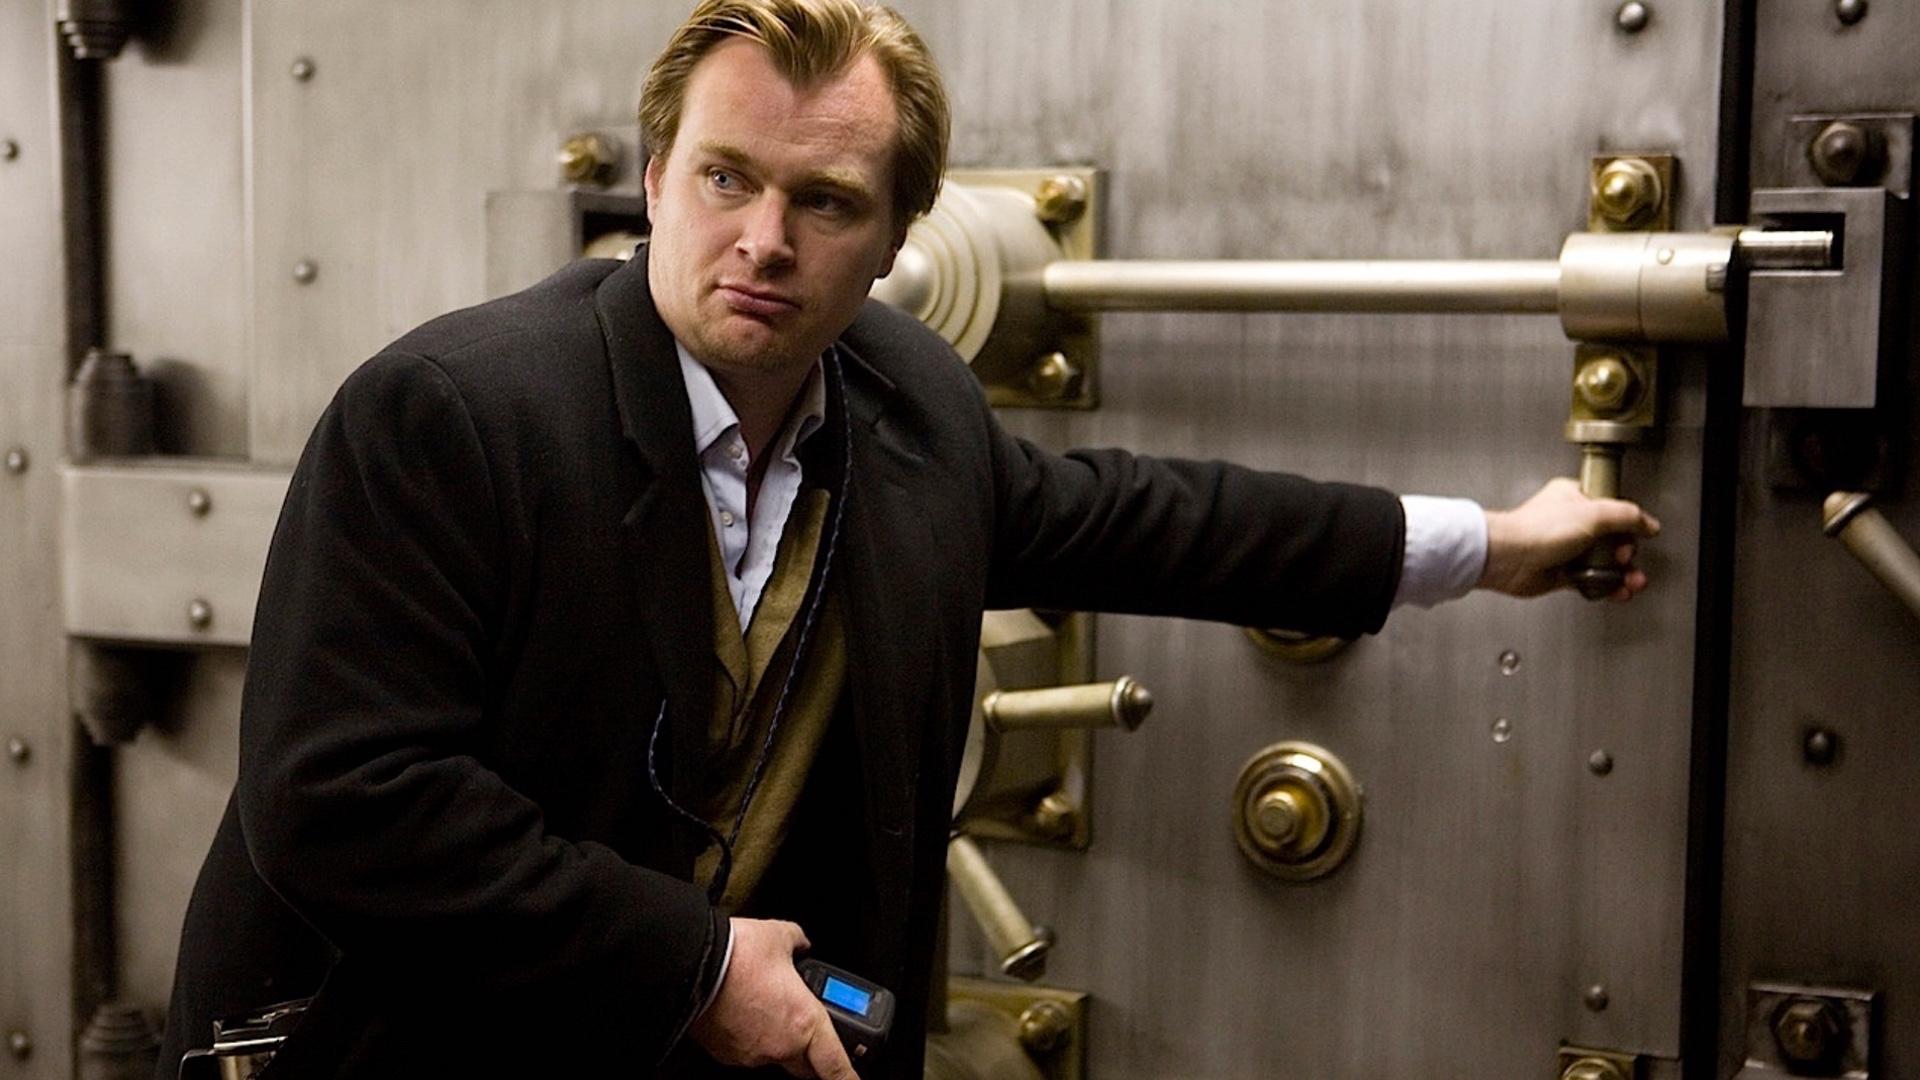 «Худший стриминг-сервис»: Кристофер Нолан выступил против стратегии WB выпускать фильмы и наHBO Max